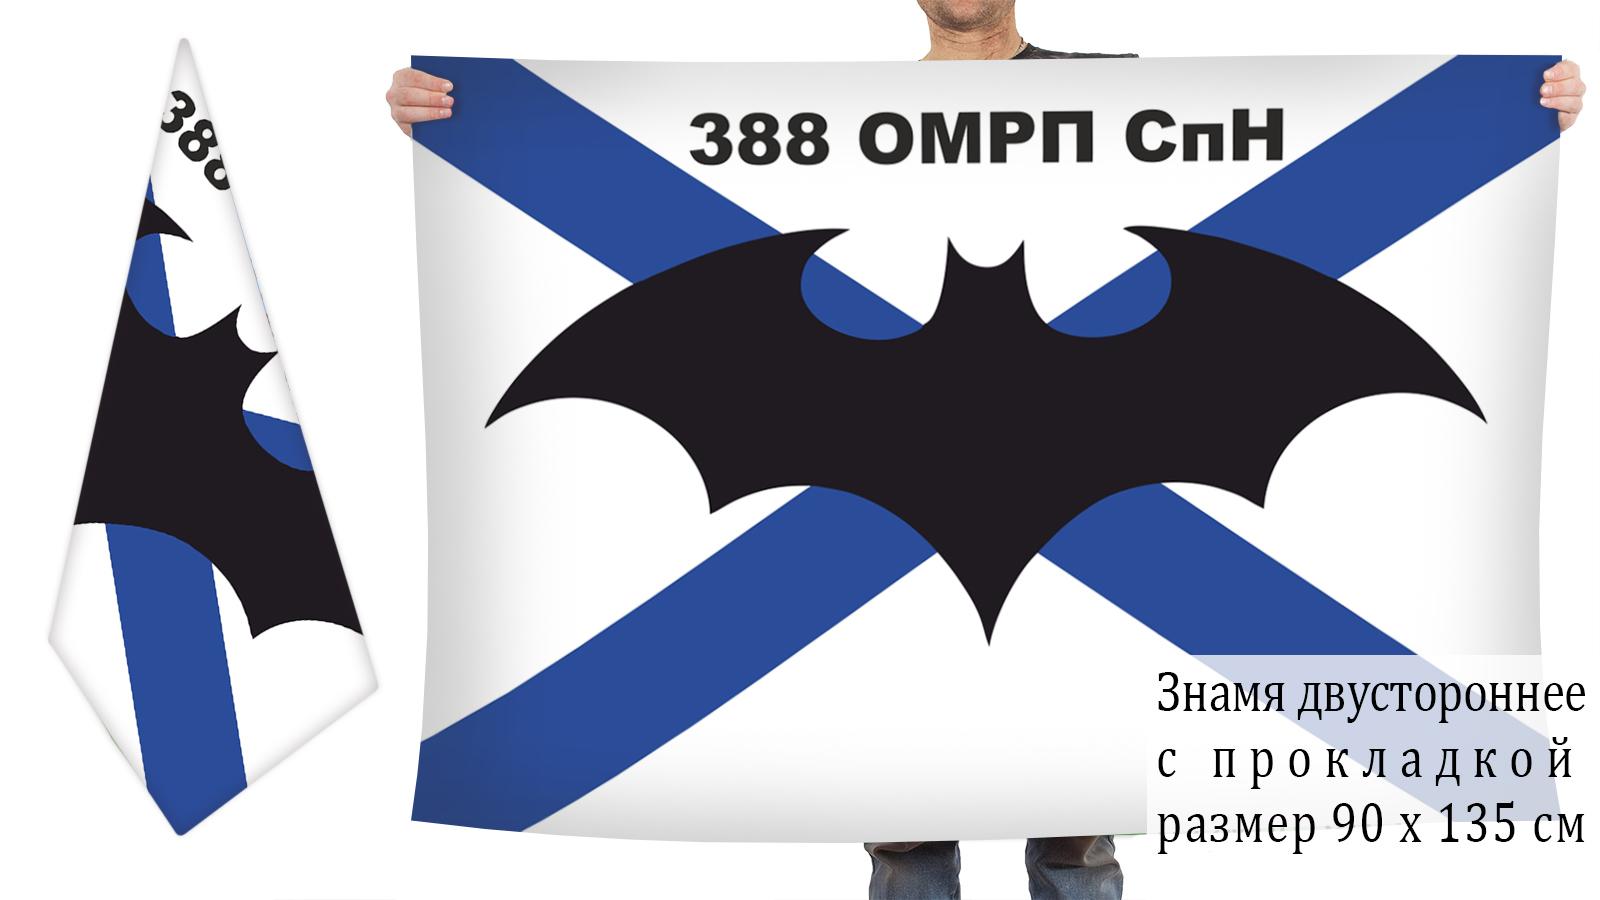 Двусторонний флаг 388 ОМРП СпН